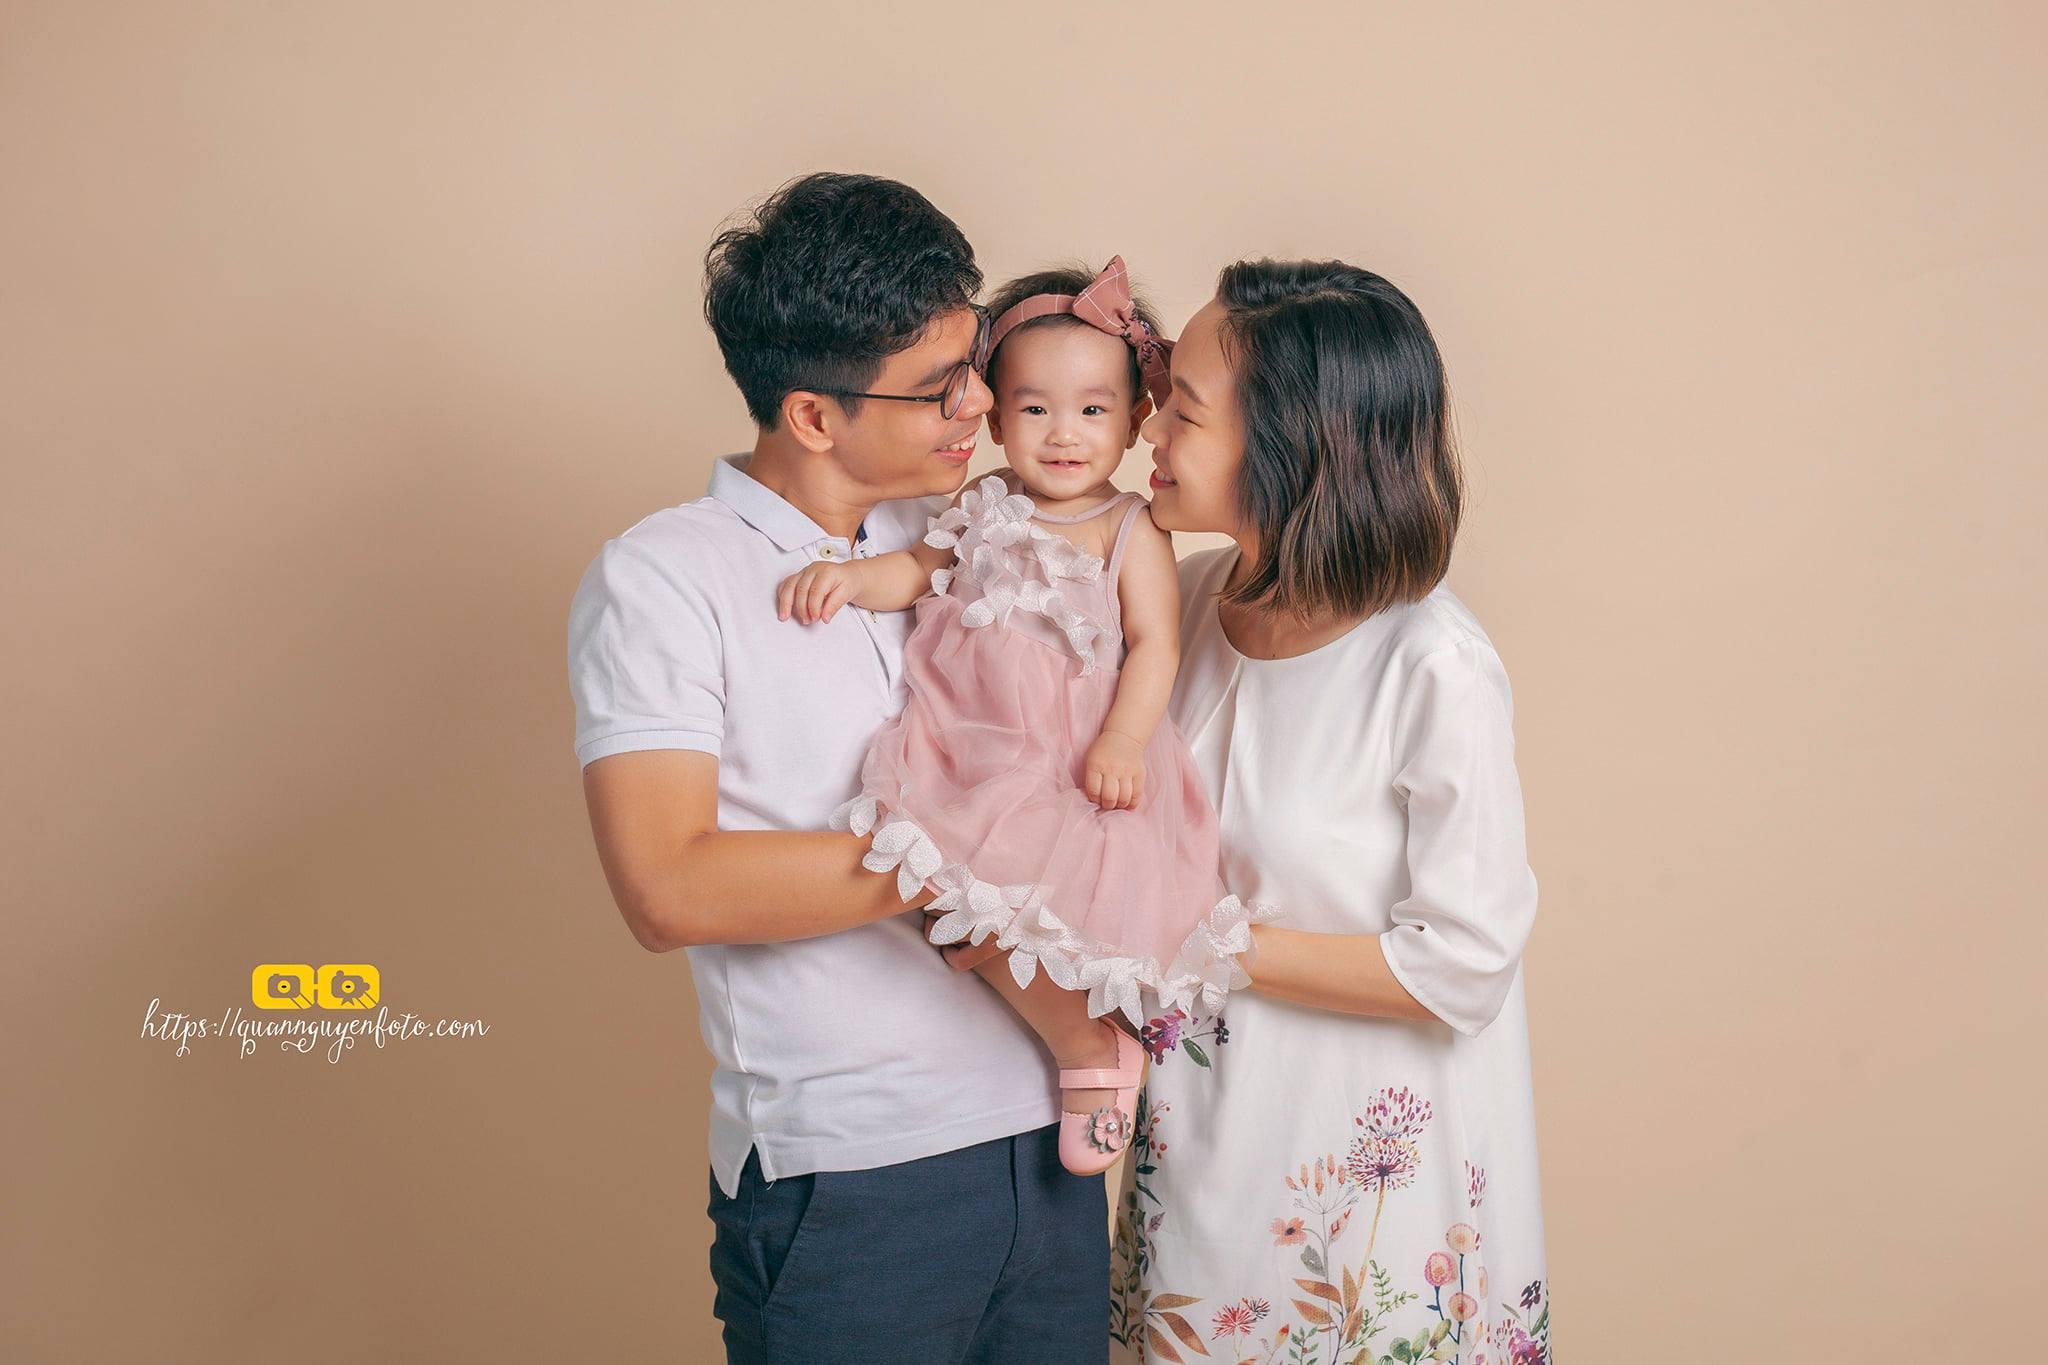 Top 9 studio chụp ảnh cho bé đẹp và chất lượng nhất TPHCM - Quân Studio